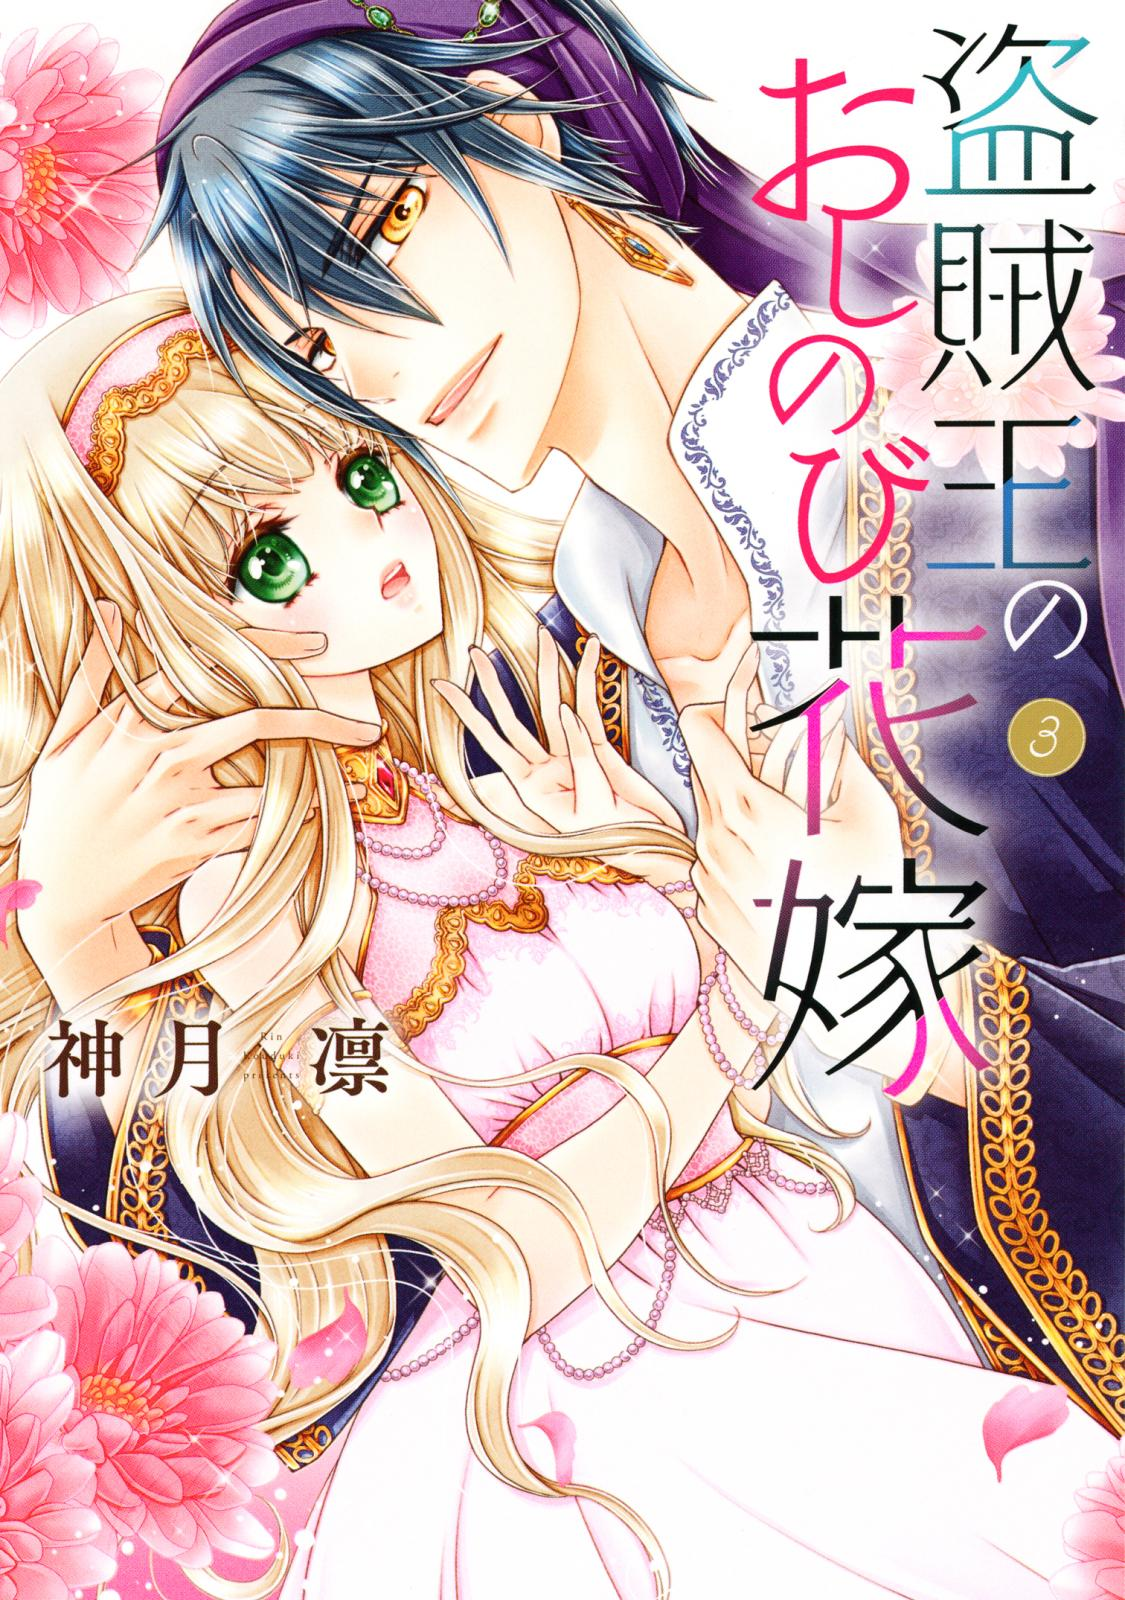 盗賊王のおしのび花嫁 3